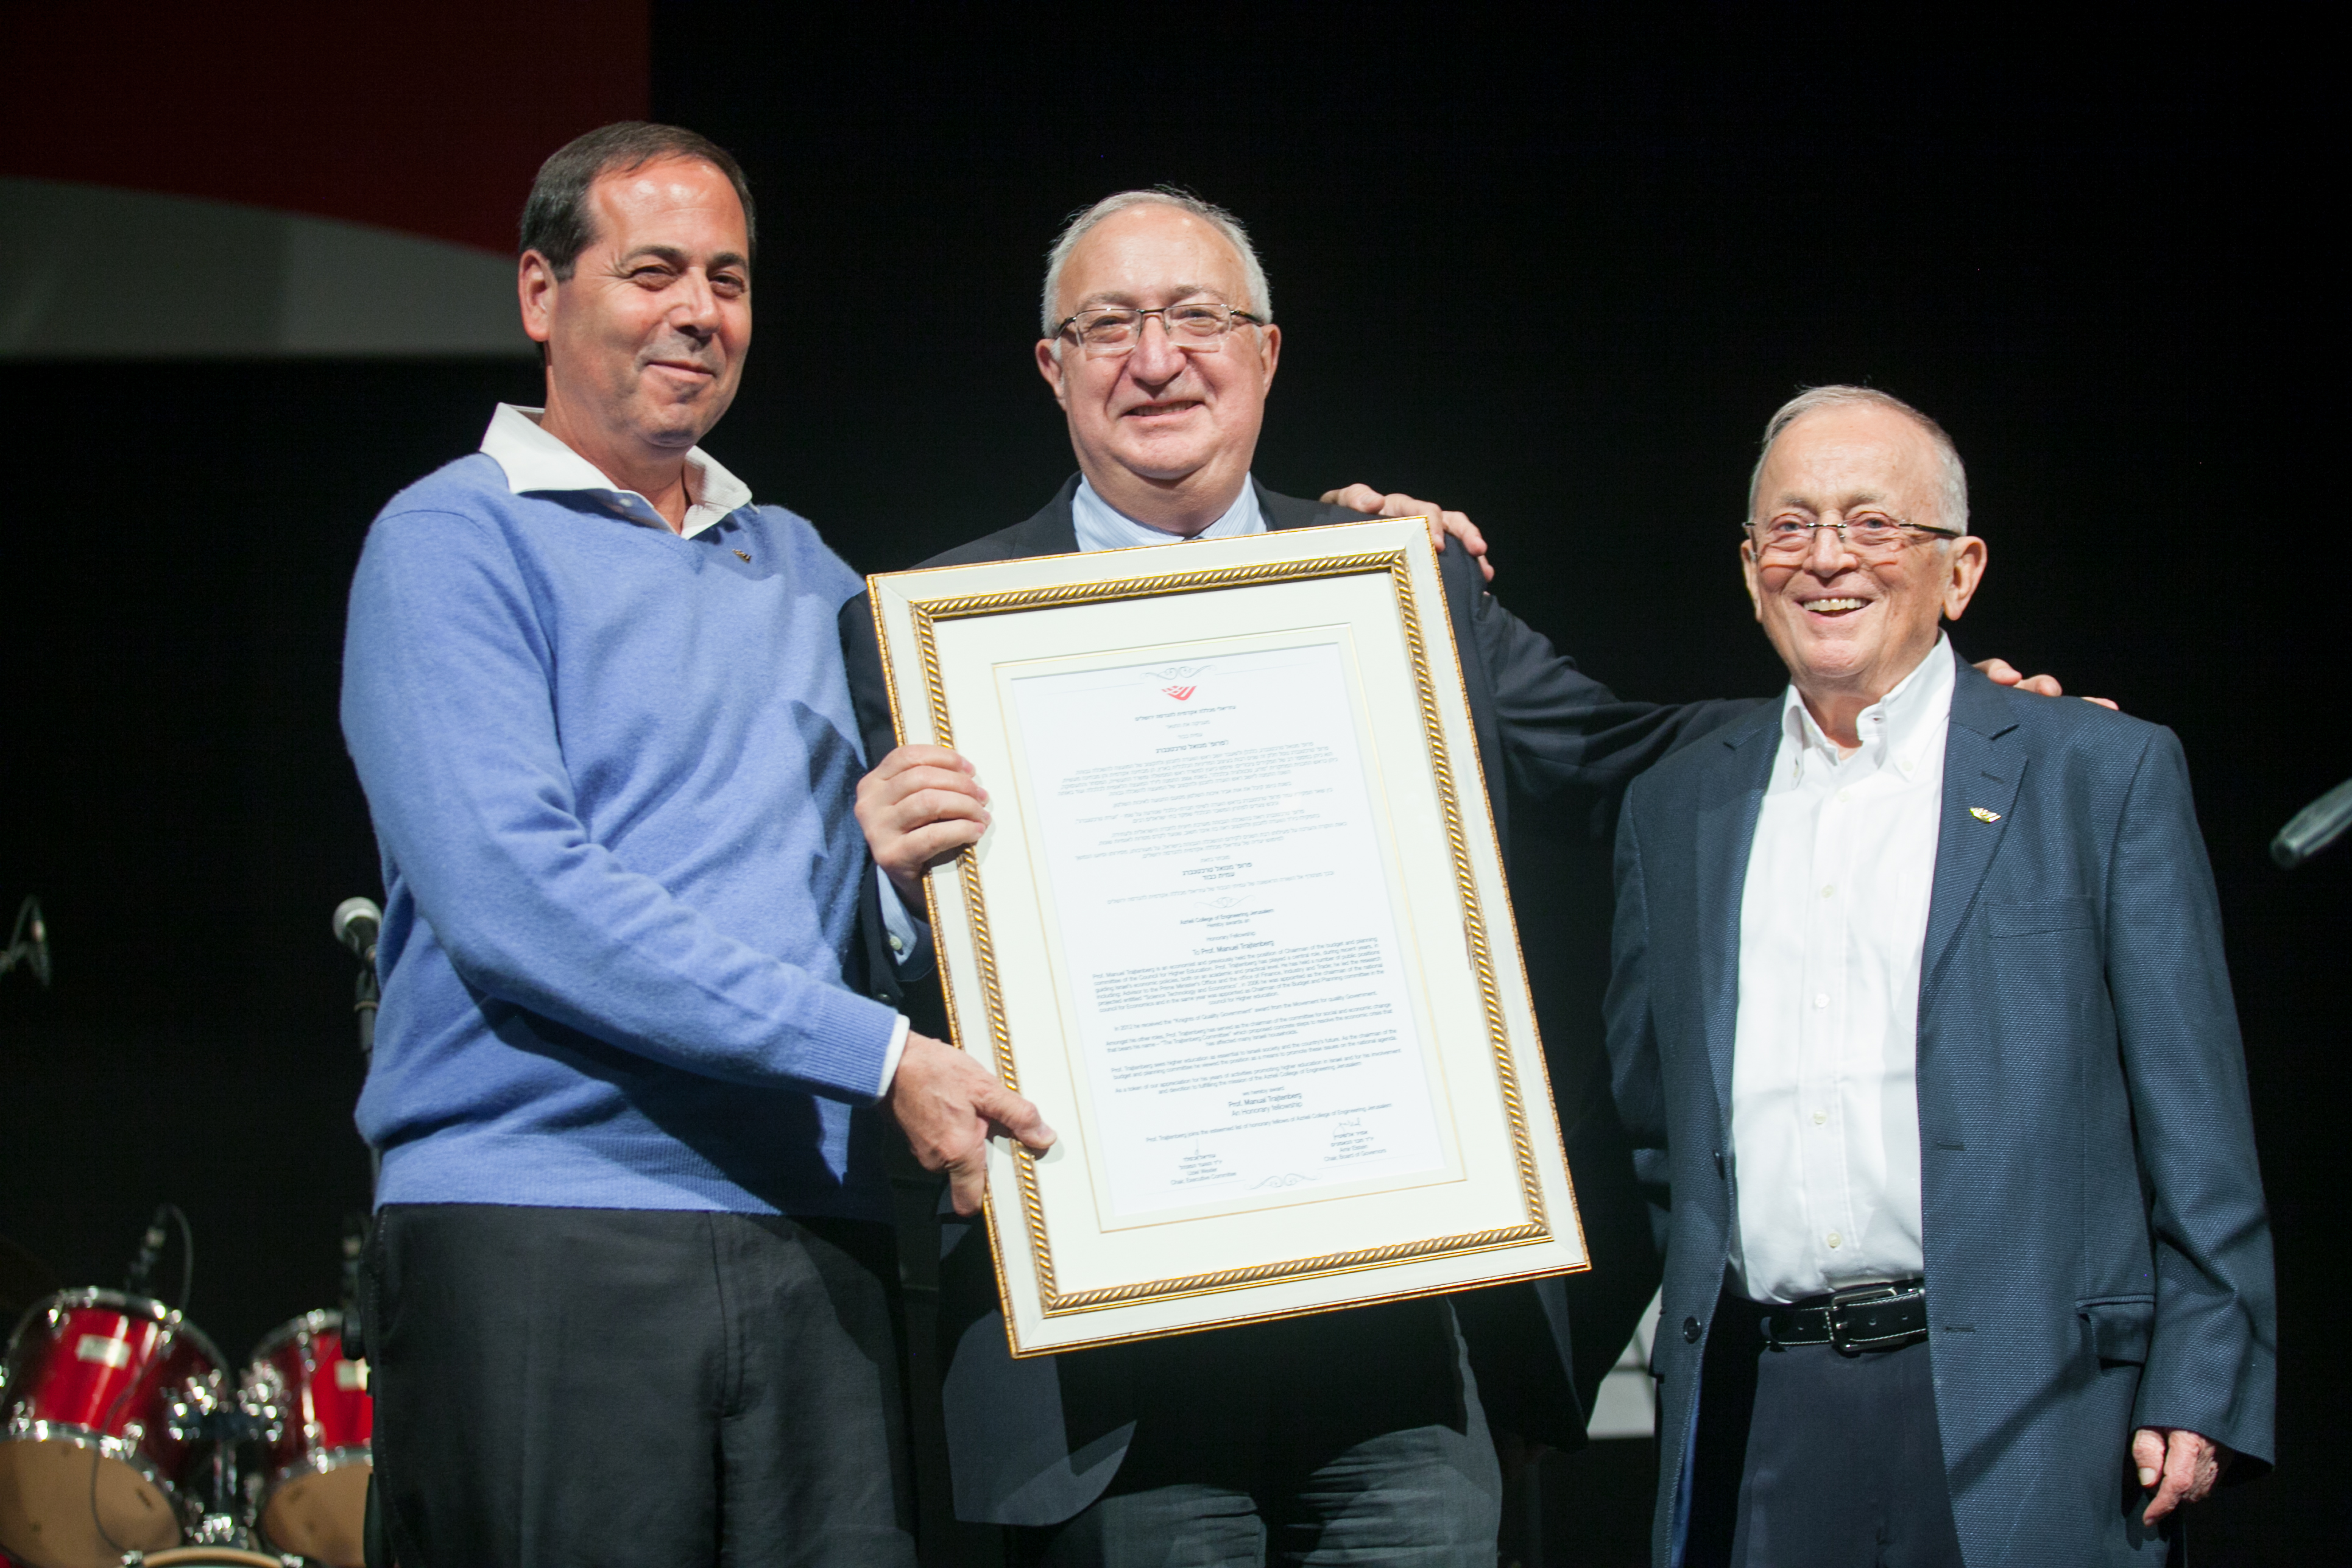 עוזי וכסלר ואמיר אלשטיין מעניקים לפרופ' מנואל טרכטנברג עמית כבוד